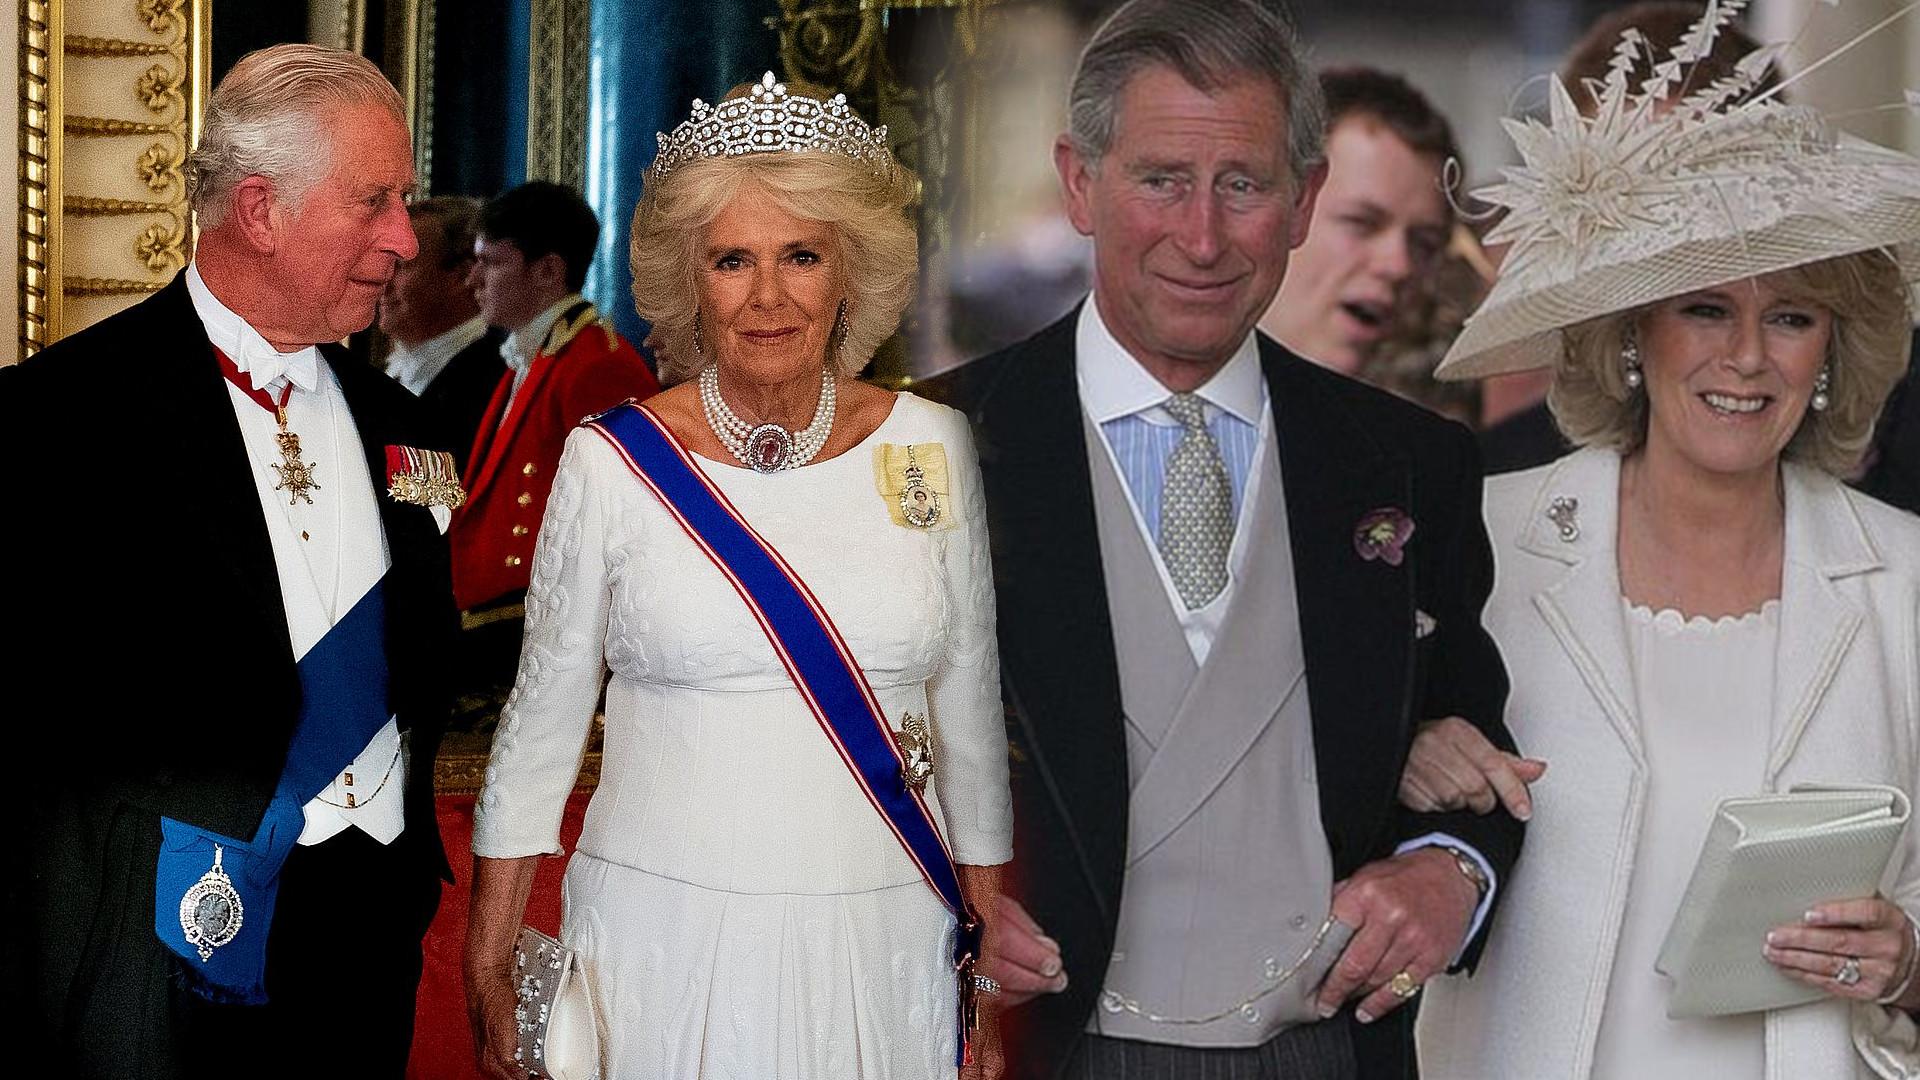 Wszyscy mówią o tym, co zrobiła księżna Camilla podczas wizyty Donalda Trumpa. To nagranie to HIT sieci